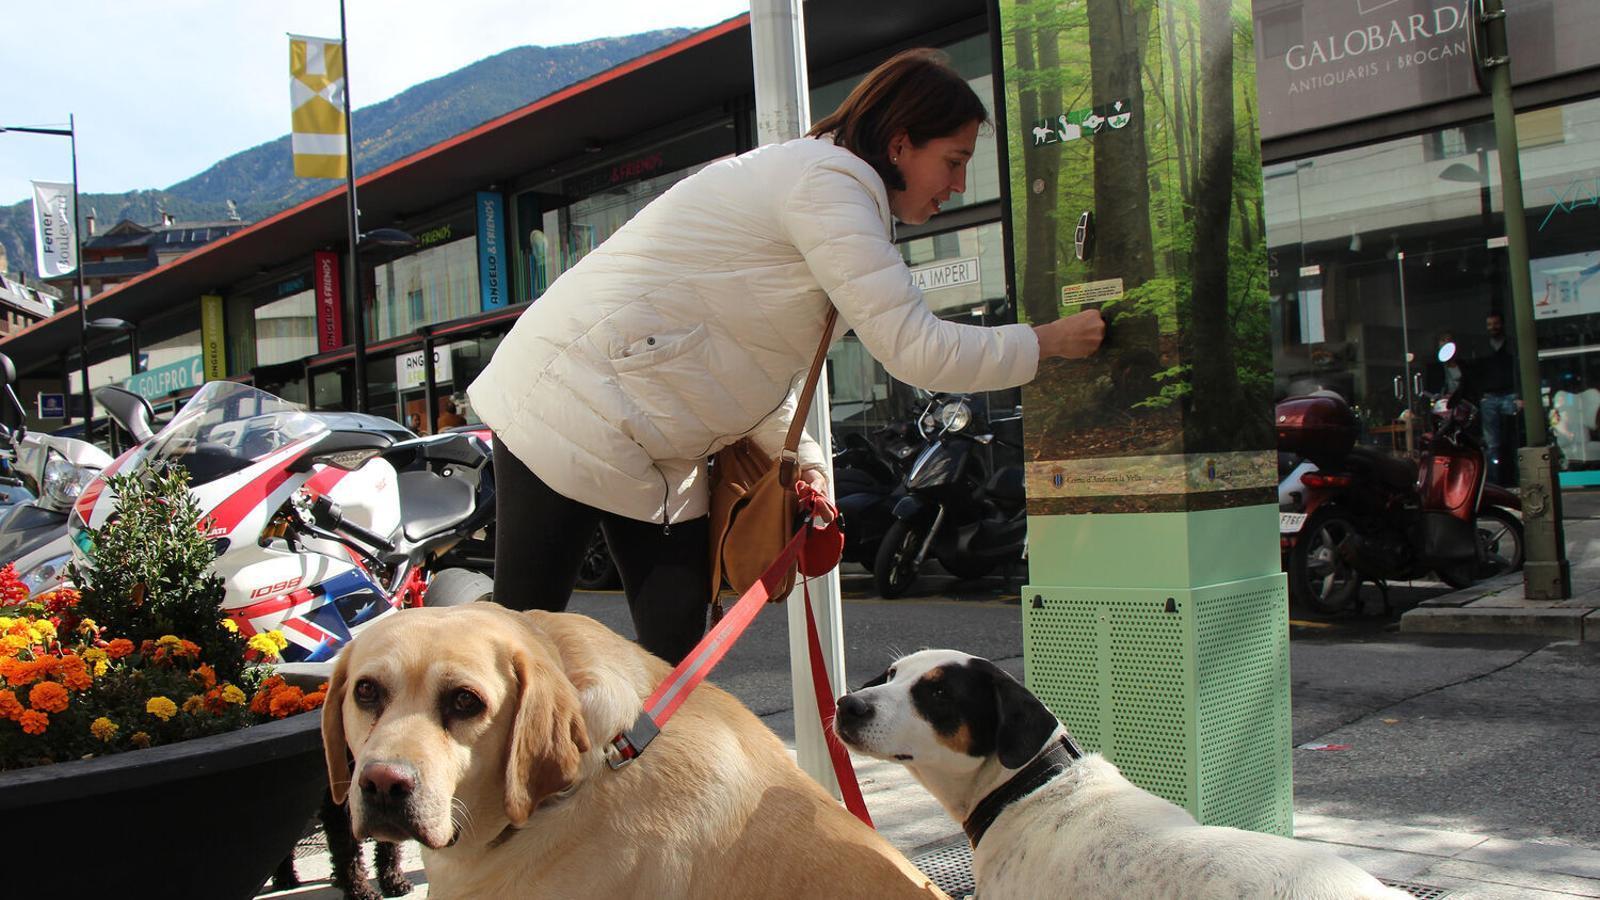 Una dona recull la galeta per premiar els gossos quan orinen a la reixa de la màquina. / M. F. (ANA)